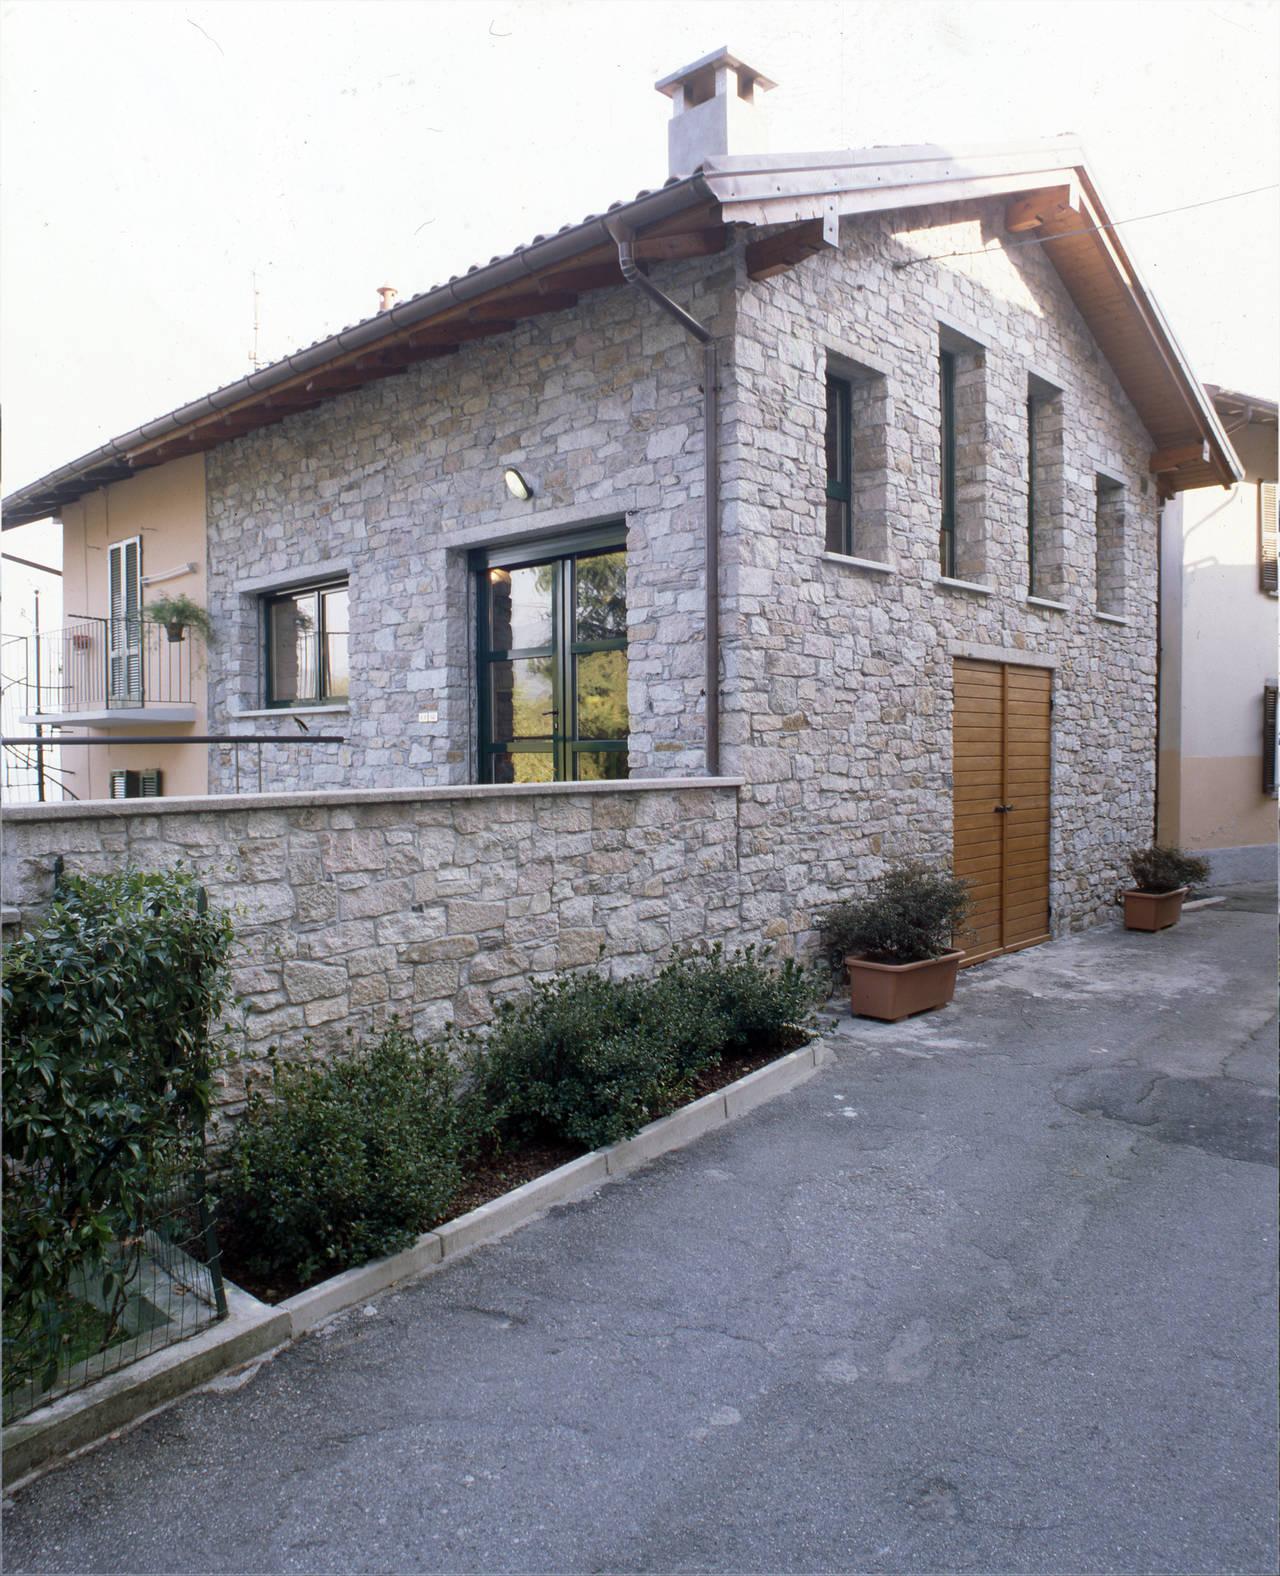 Da fabbricato rurale ad abitazione privata for Moderni piani di casa del fienile